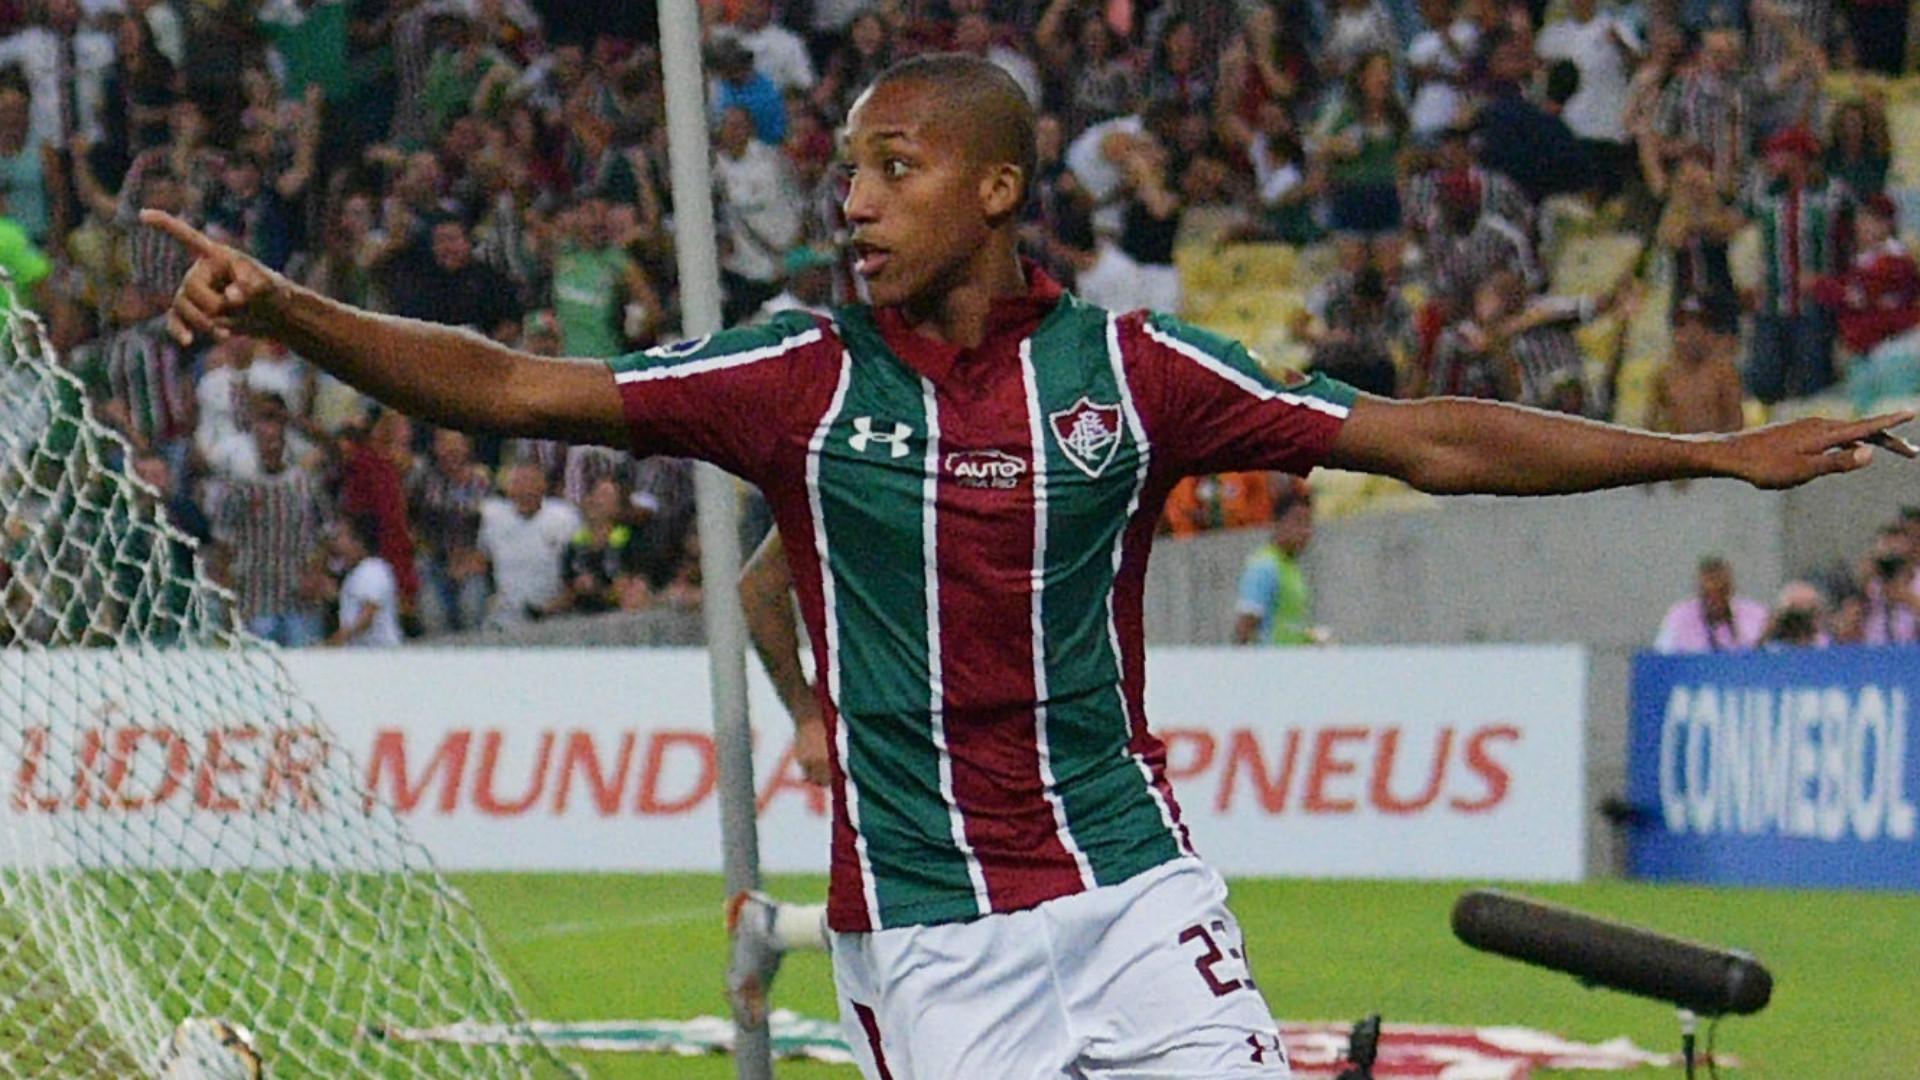 Joao Pedro Fluminense 2019